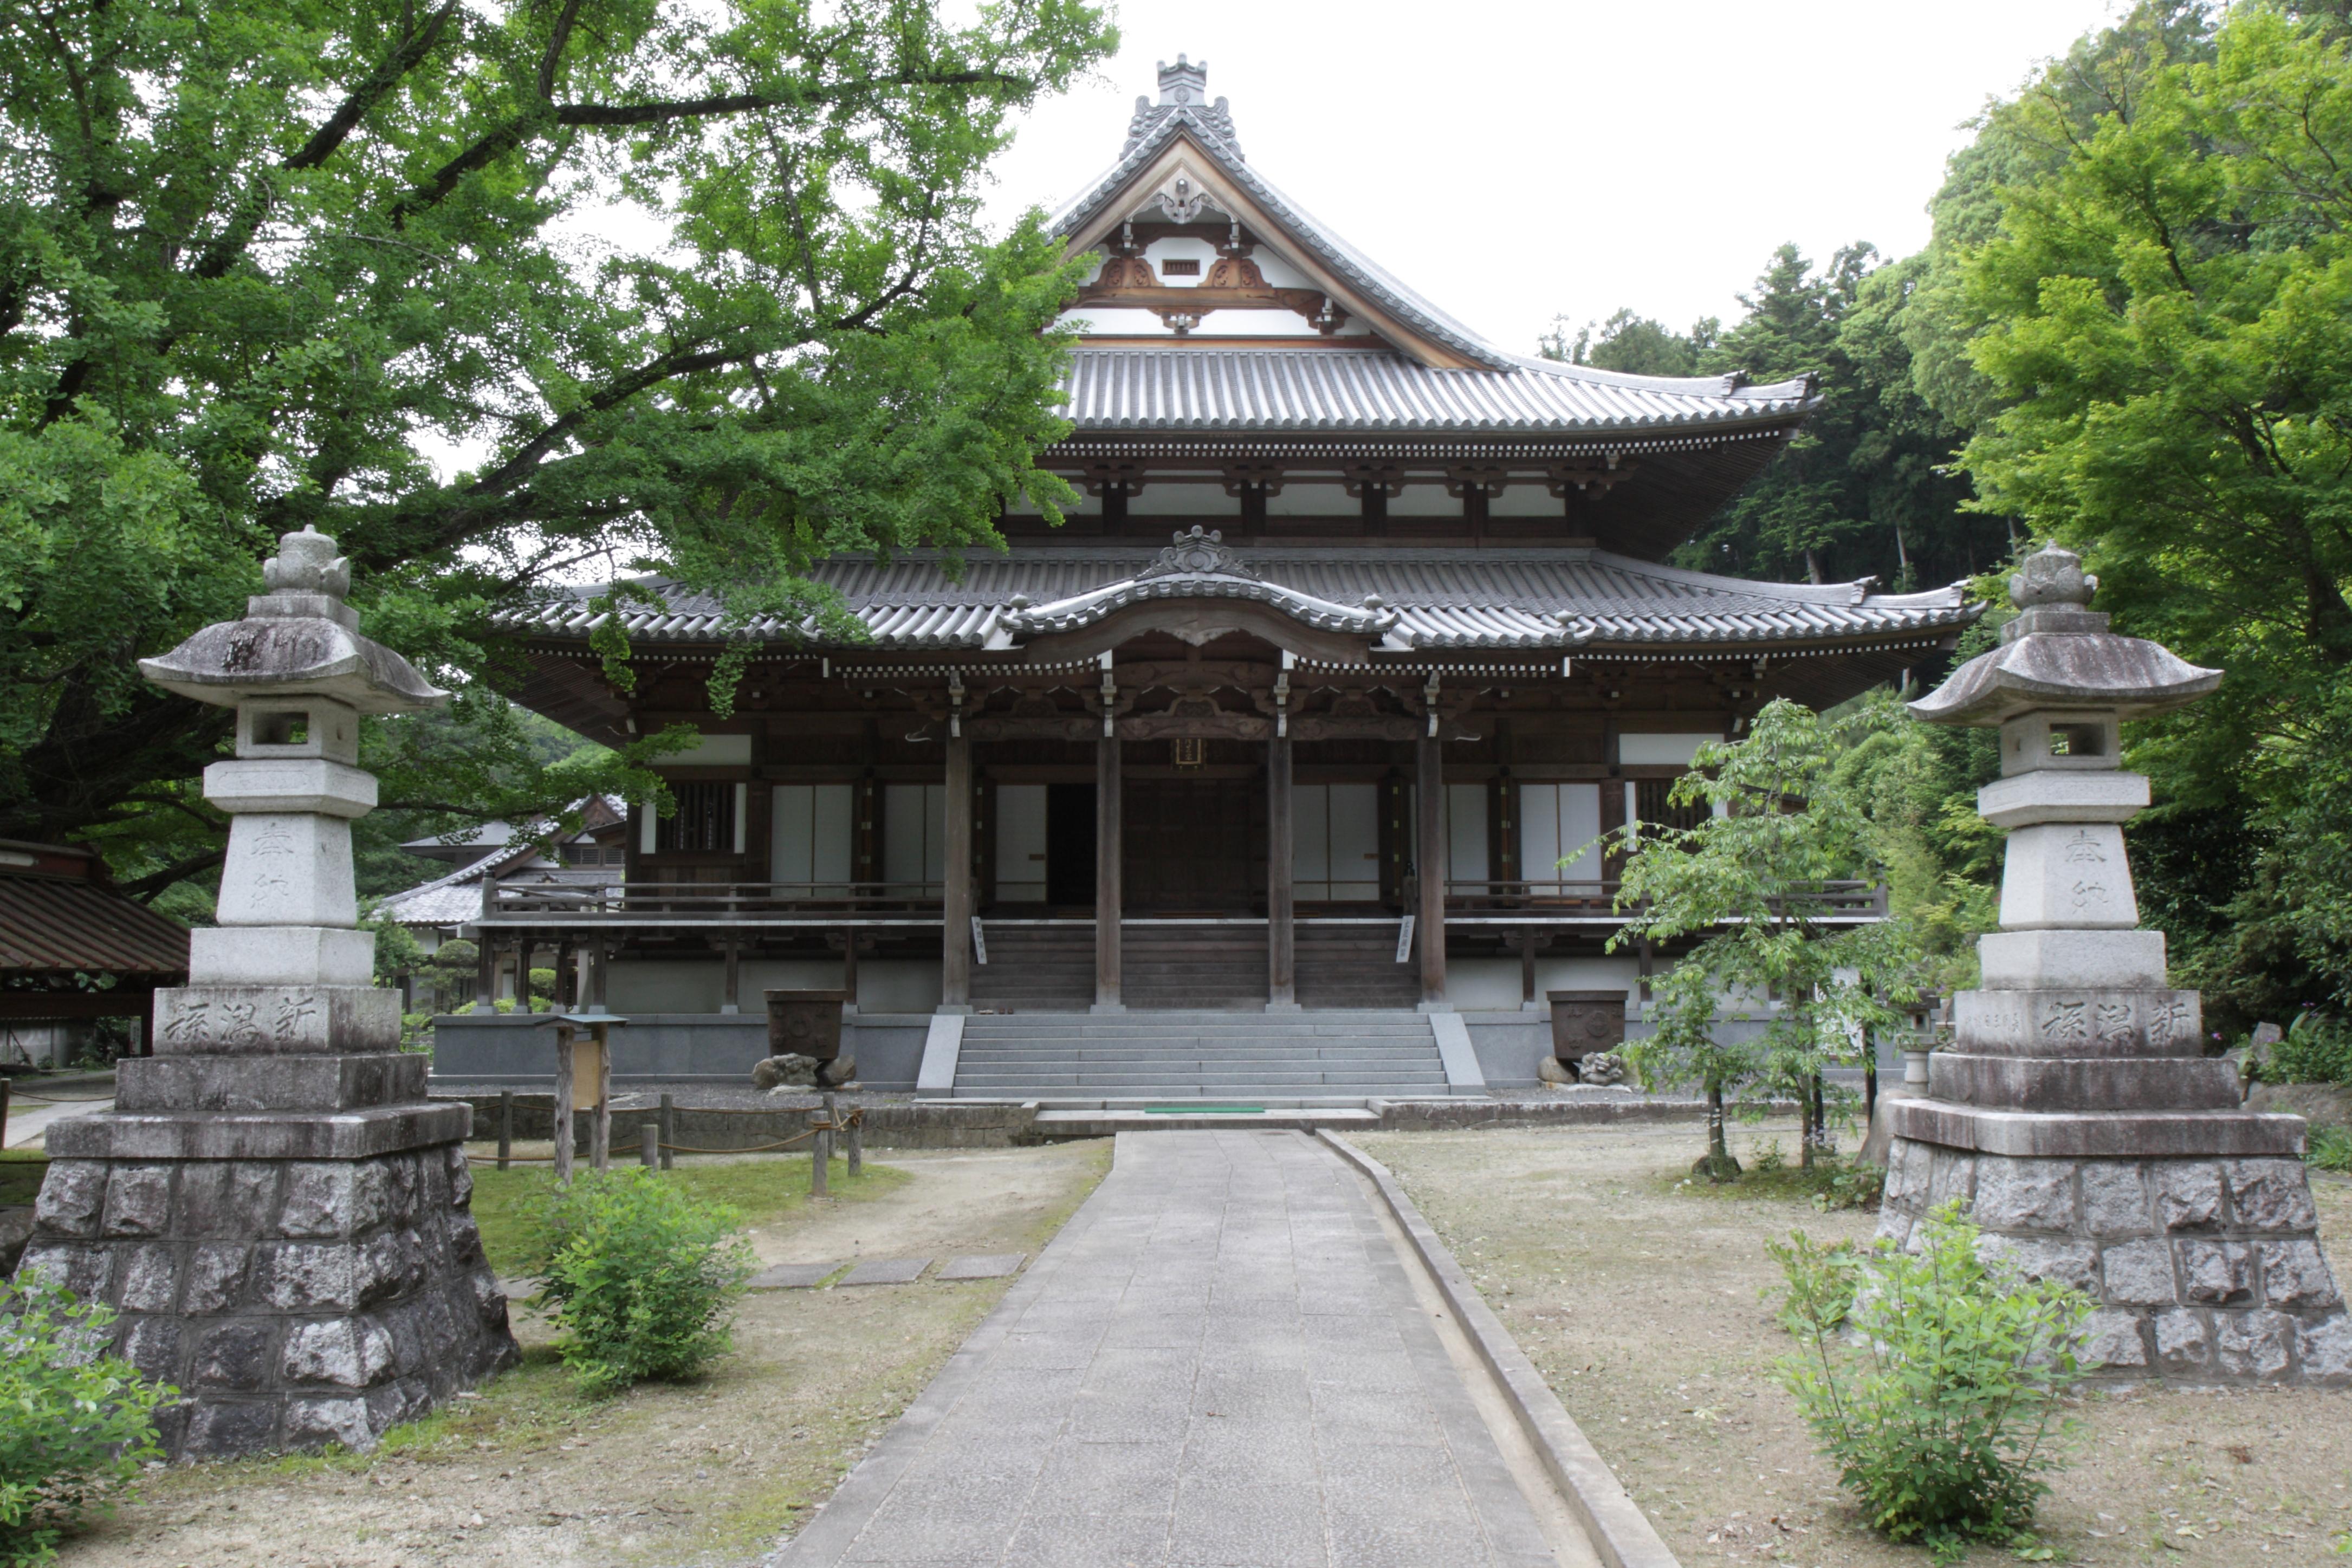 西念寺 ( 笠間市 ) - Wikipedia